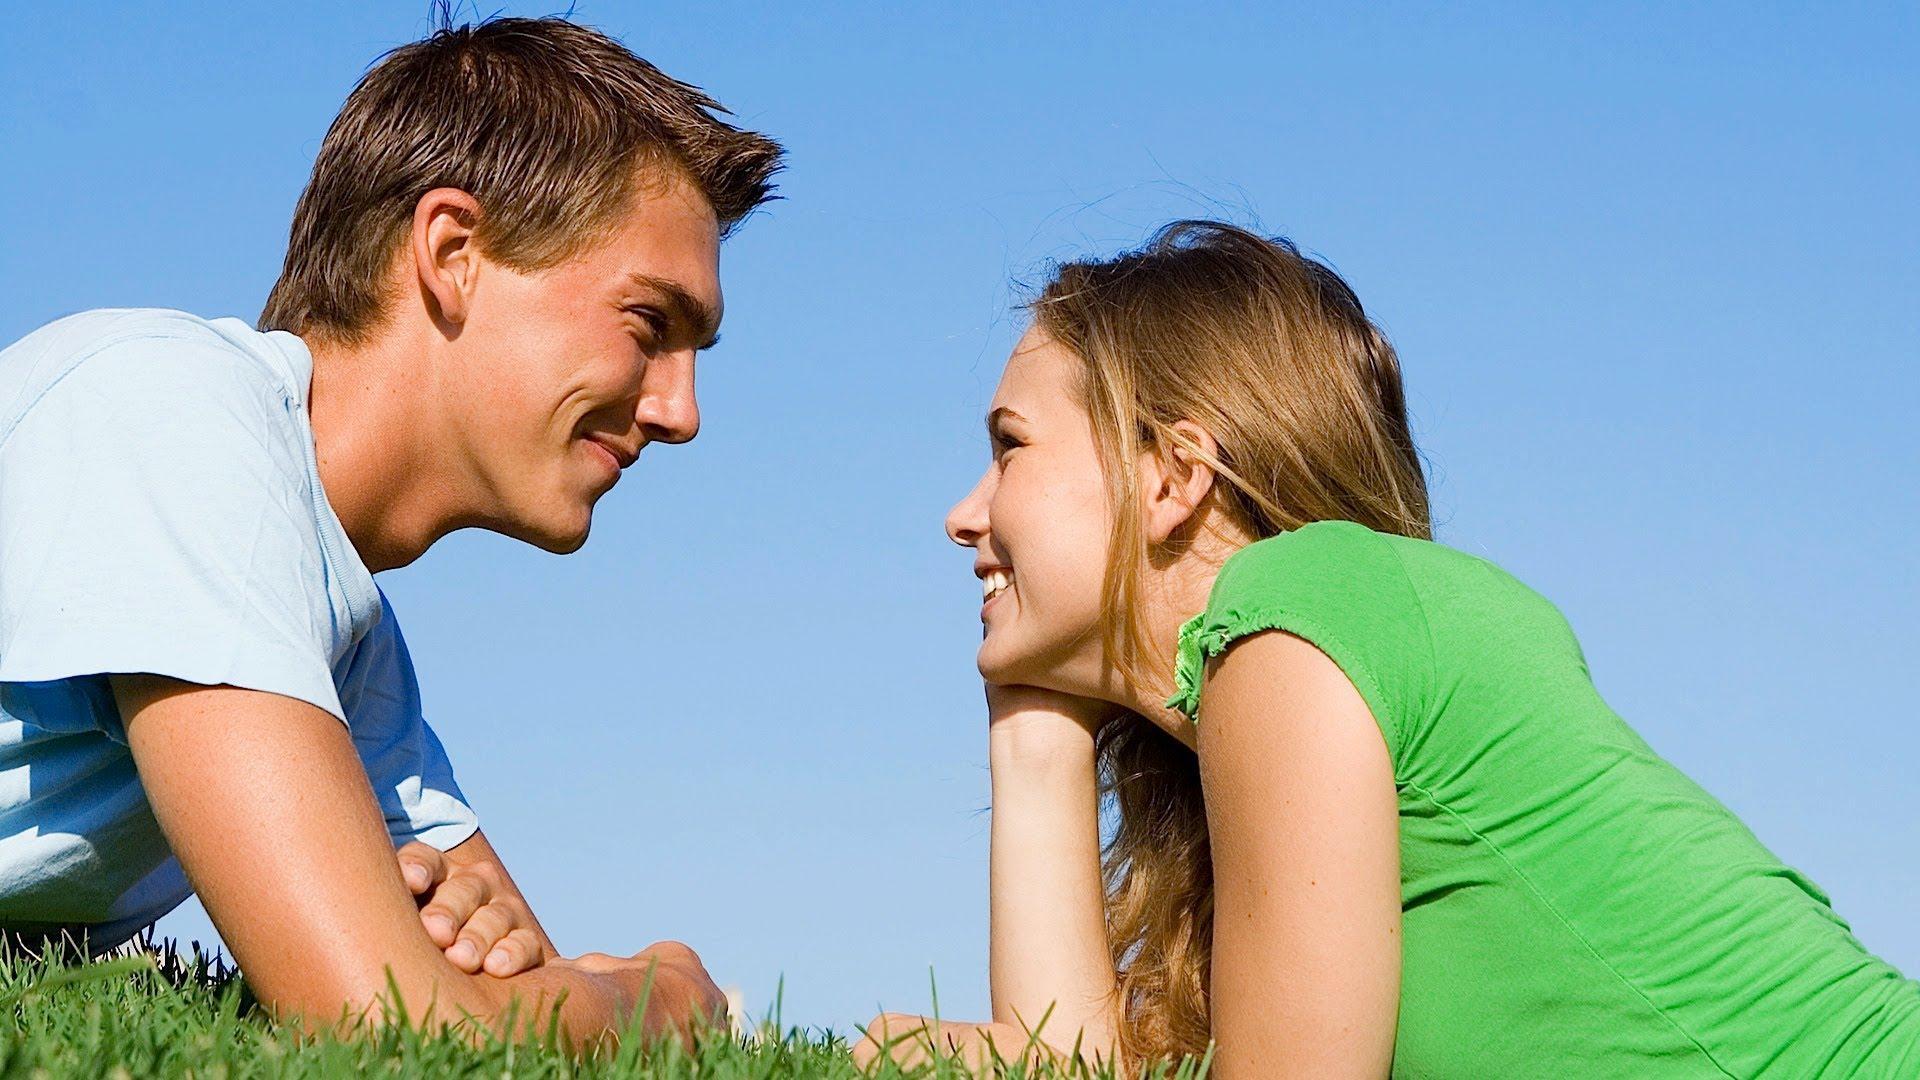 آیا میدانید که سرعت پلک زدن زنان دو برابر بیشتر از مردان است